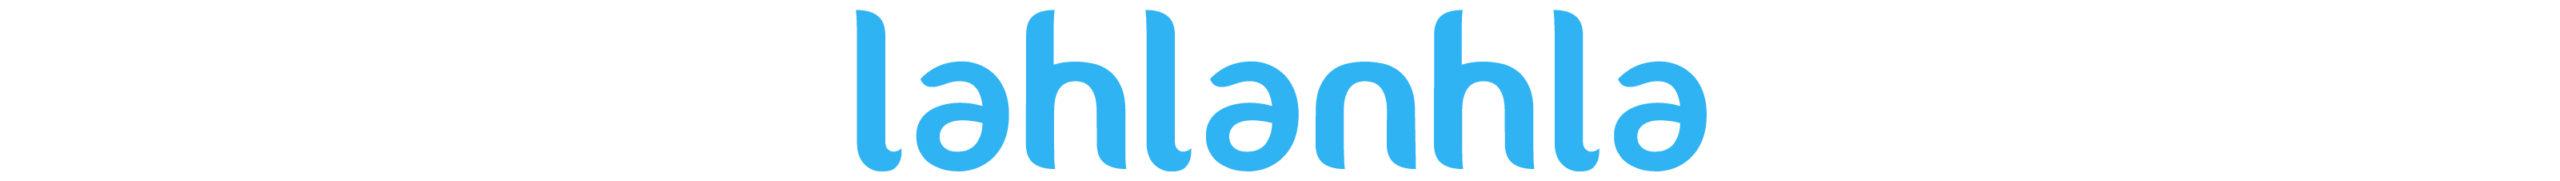 Lahlanhla logo